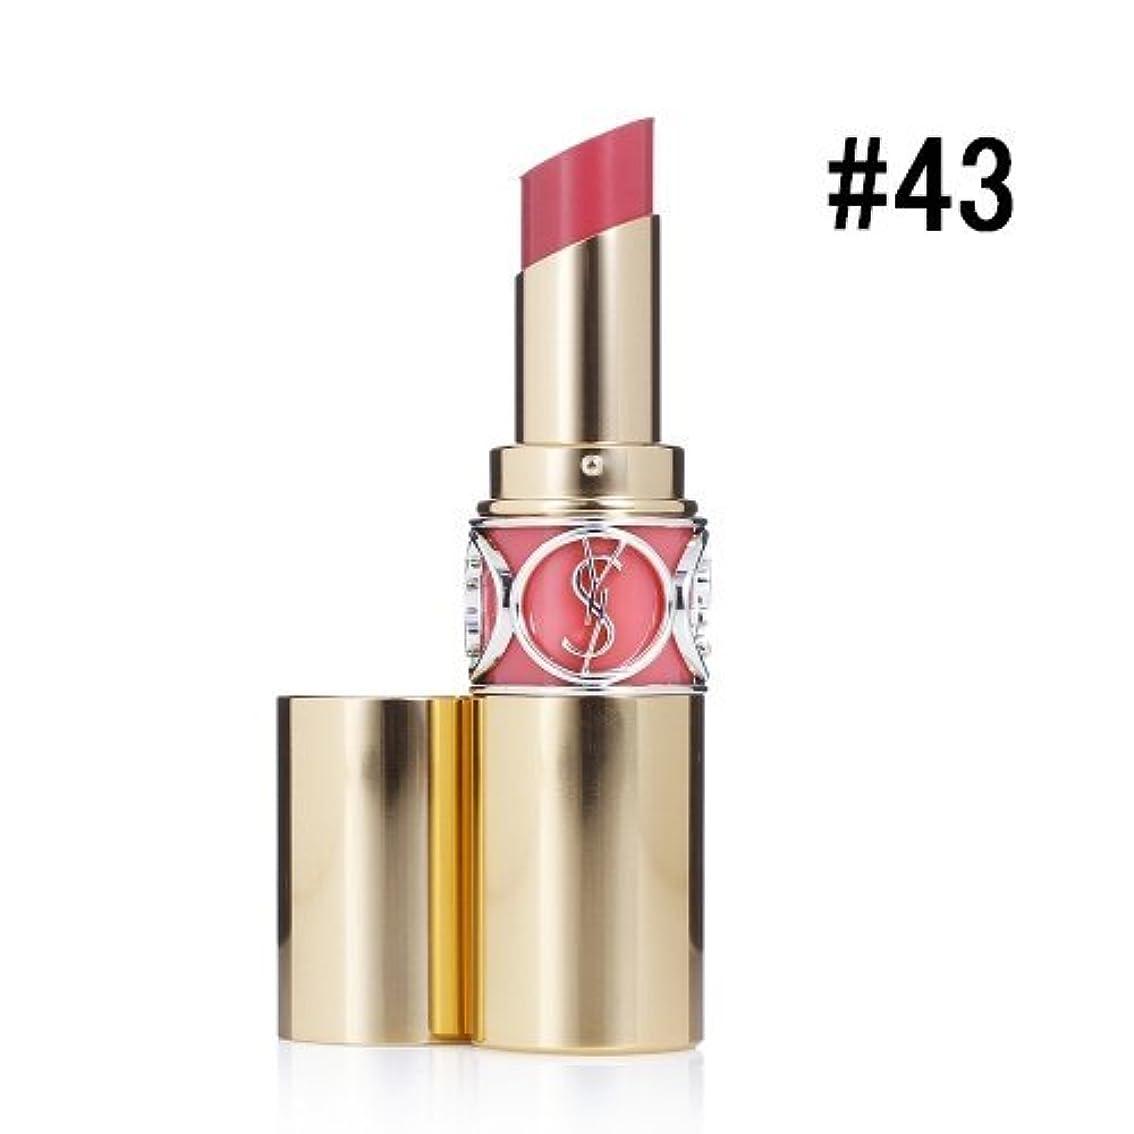 概念メロディアス暫定イヴサンローラン(Yves Saint Laurent) ルージュ ヴォリュプテ シャイン #43 ROSE RIVE GAUCHE 4.5g[並行輸入品]